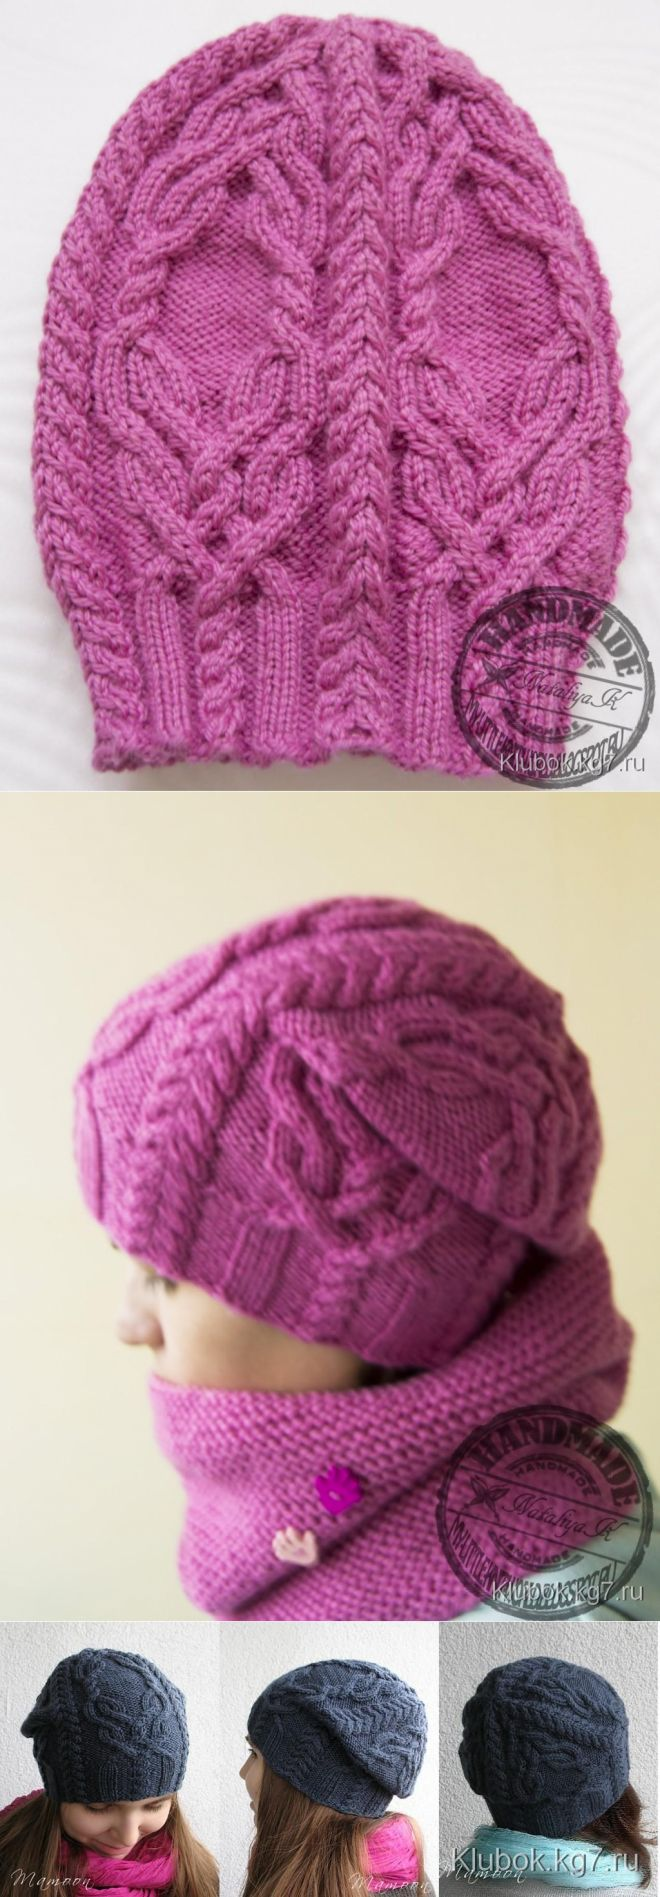 Вязание спицами шапки на 5 спицах